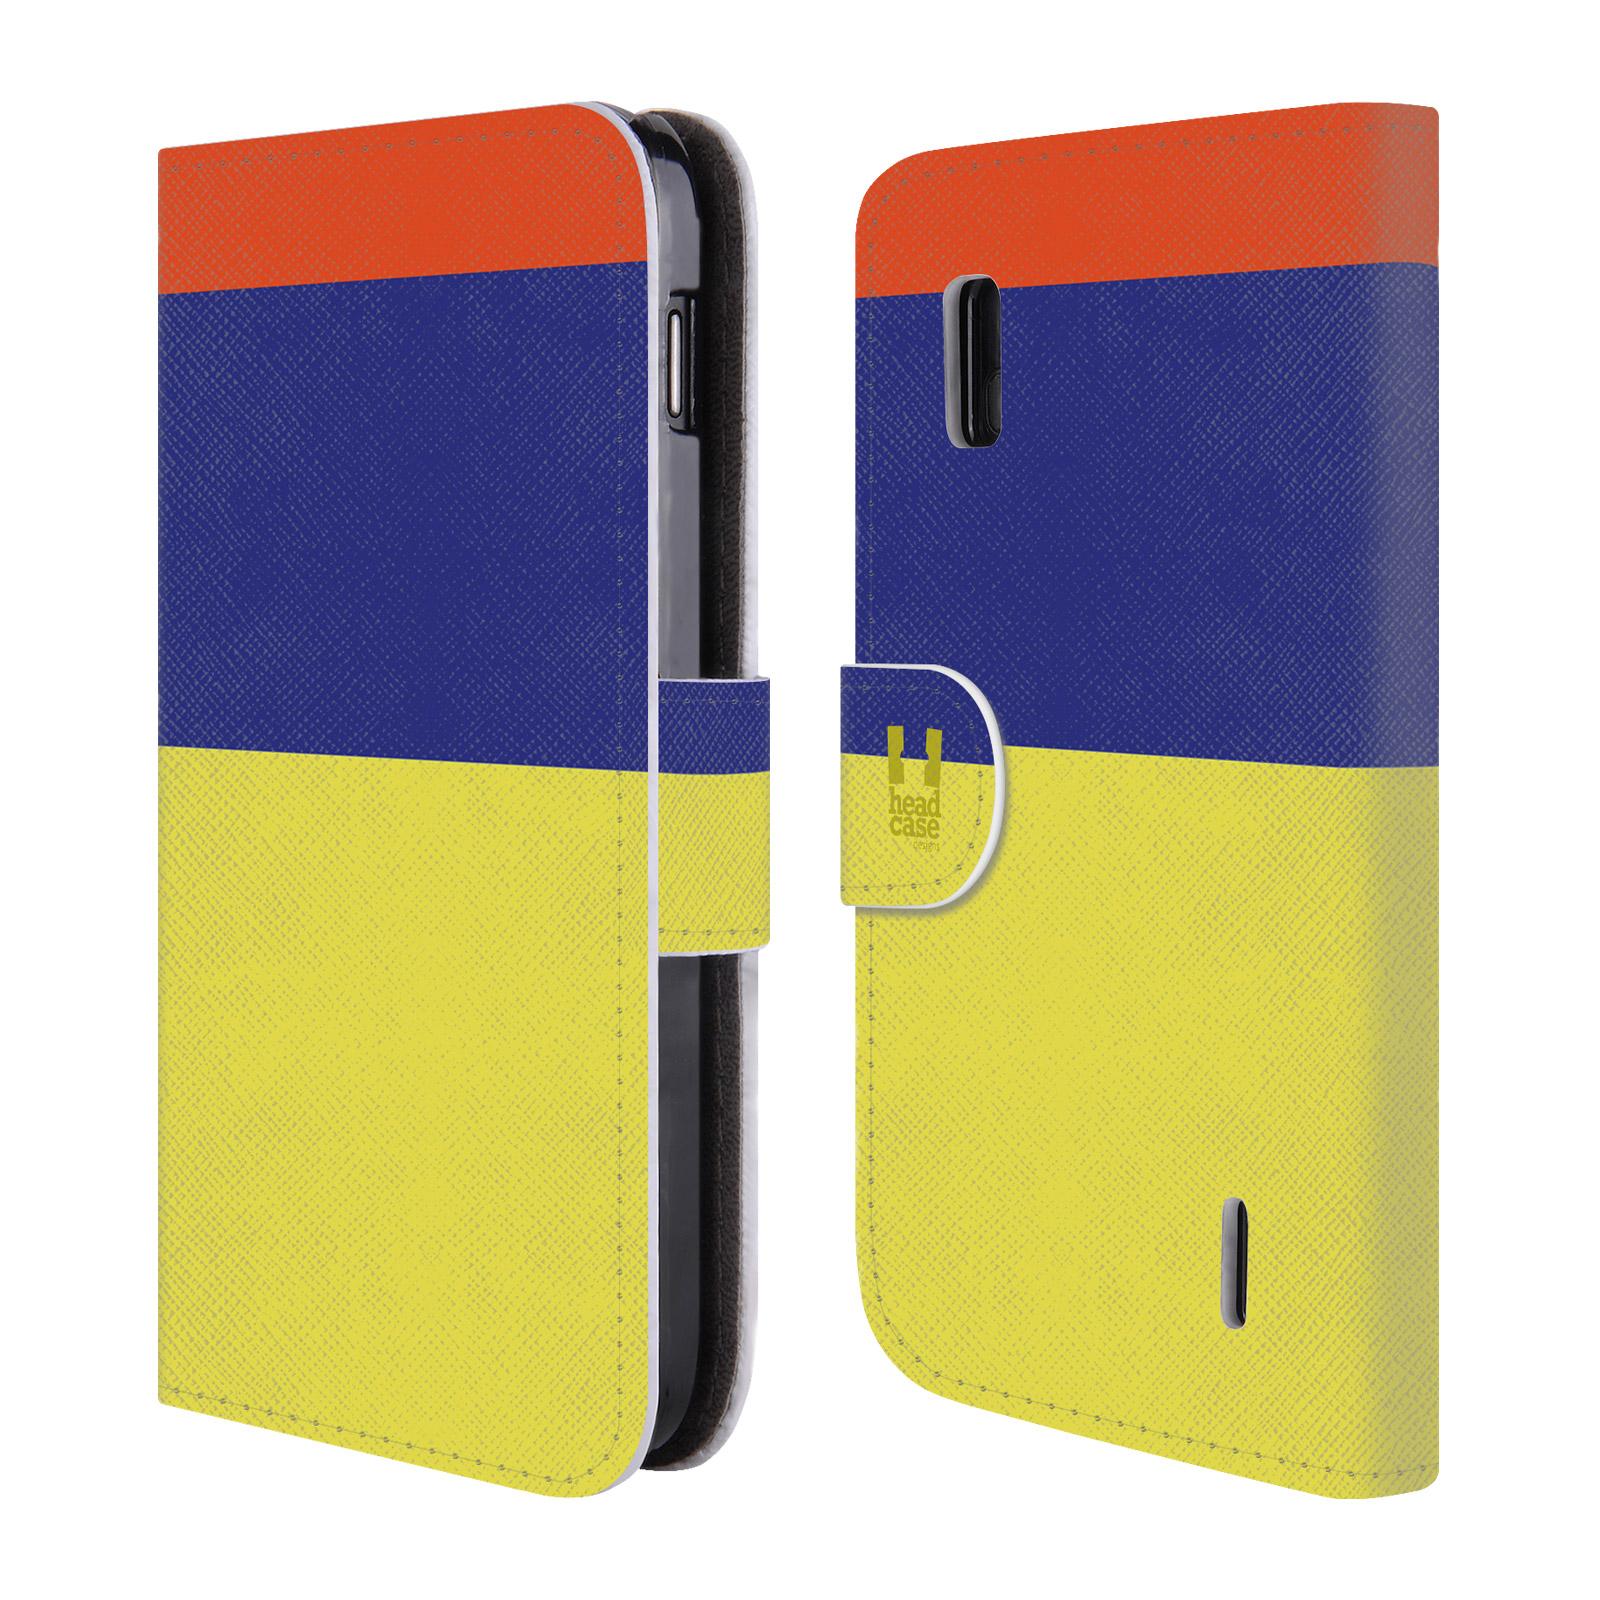 HEAD CASE Flipové pouzdro pro mobil LG NEXUS 4 barevné tvary žlutá, modrá, červená